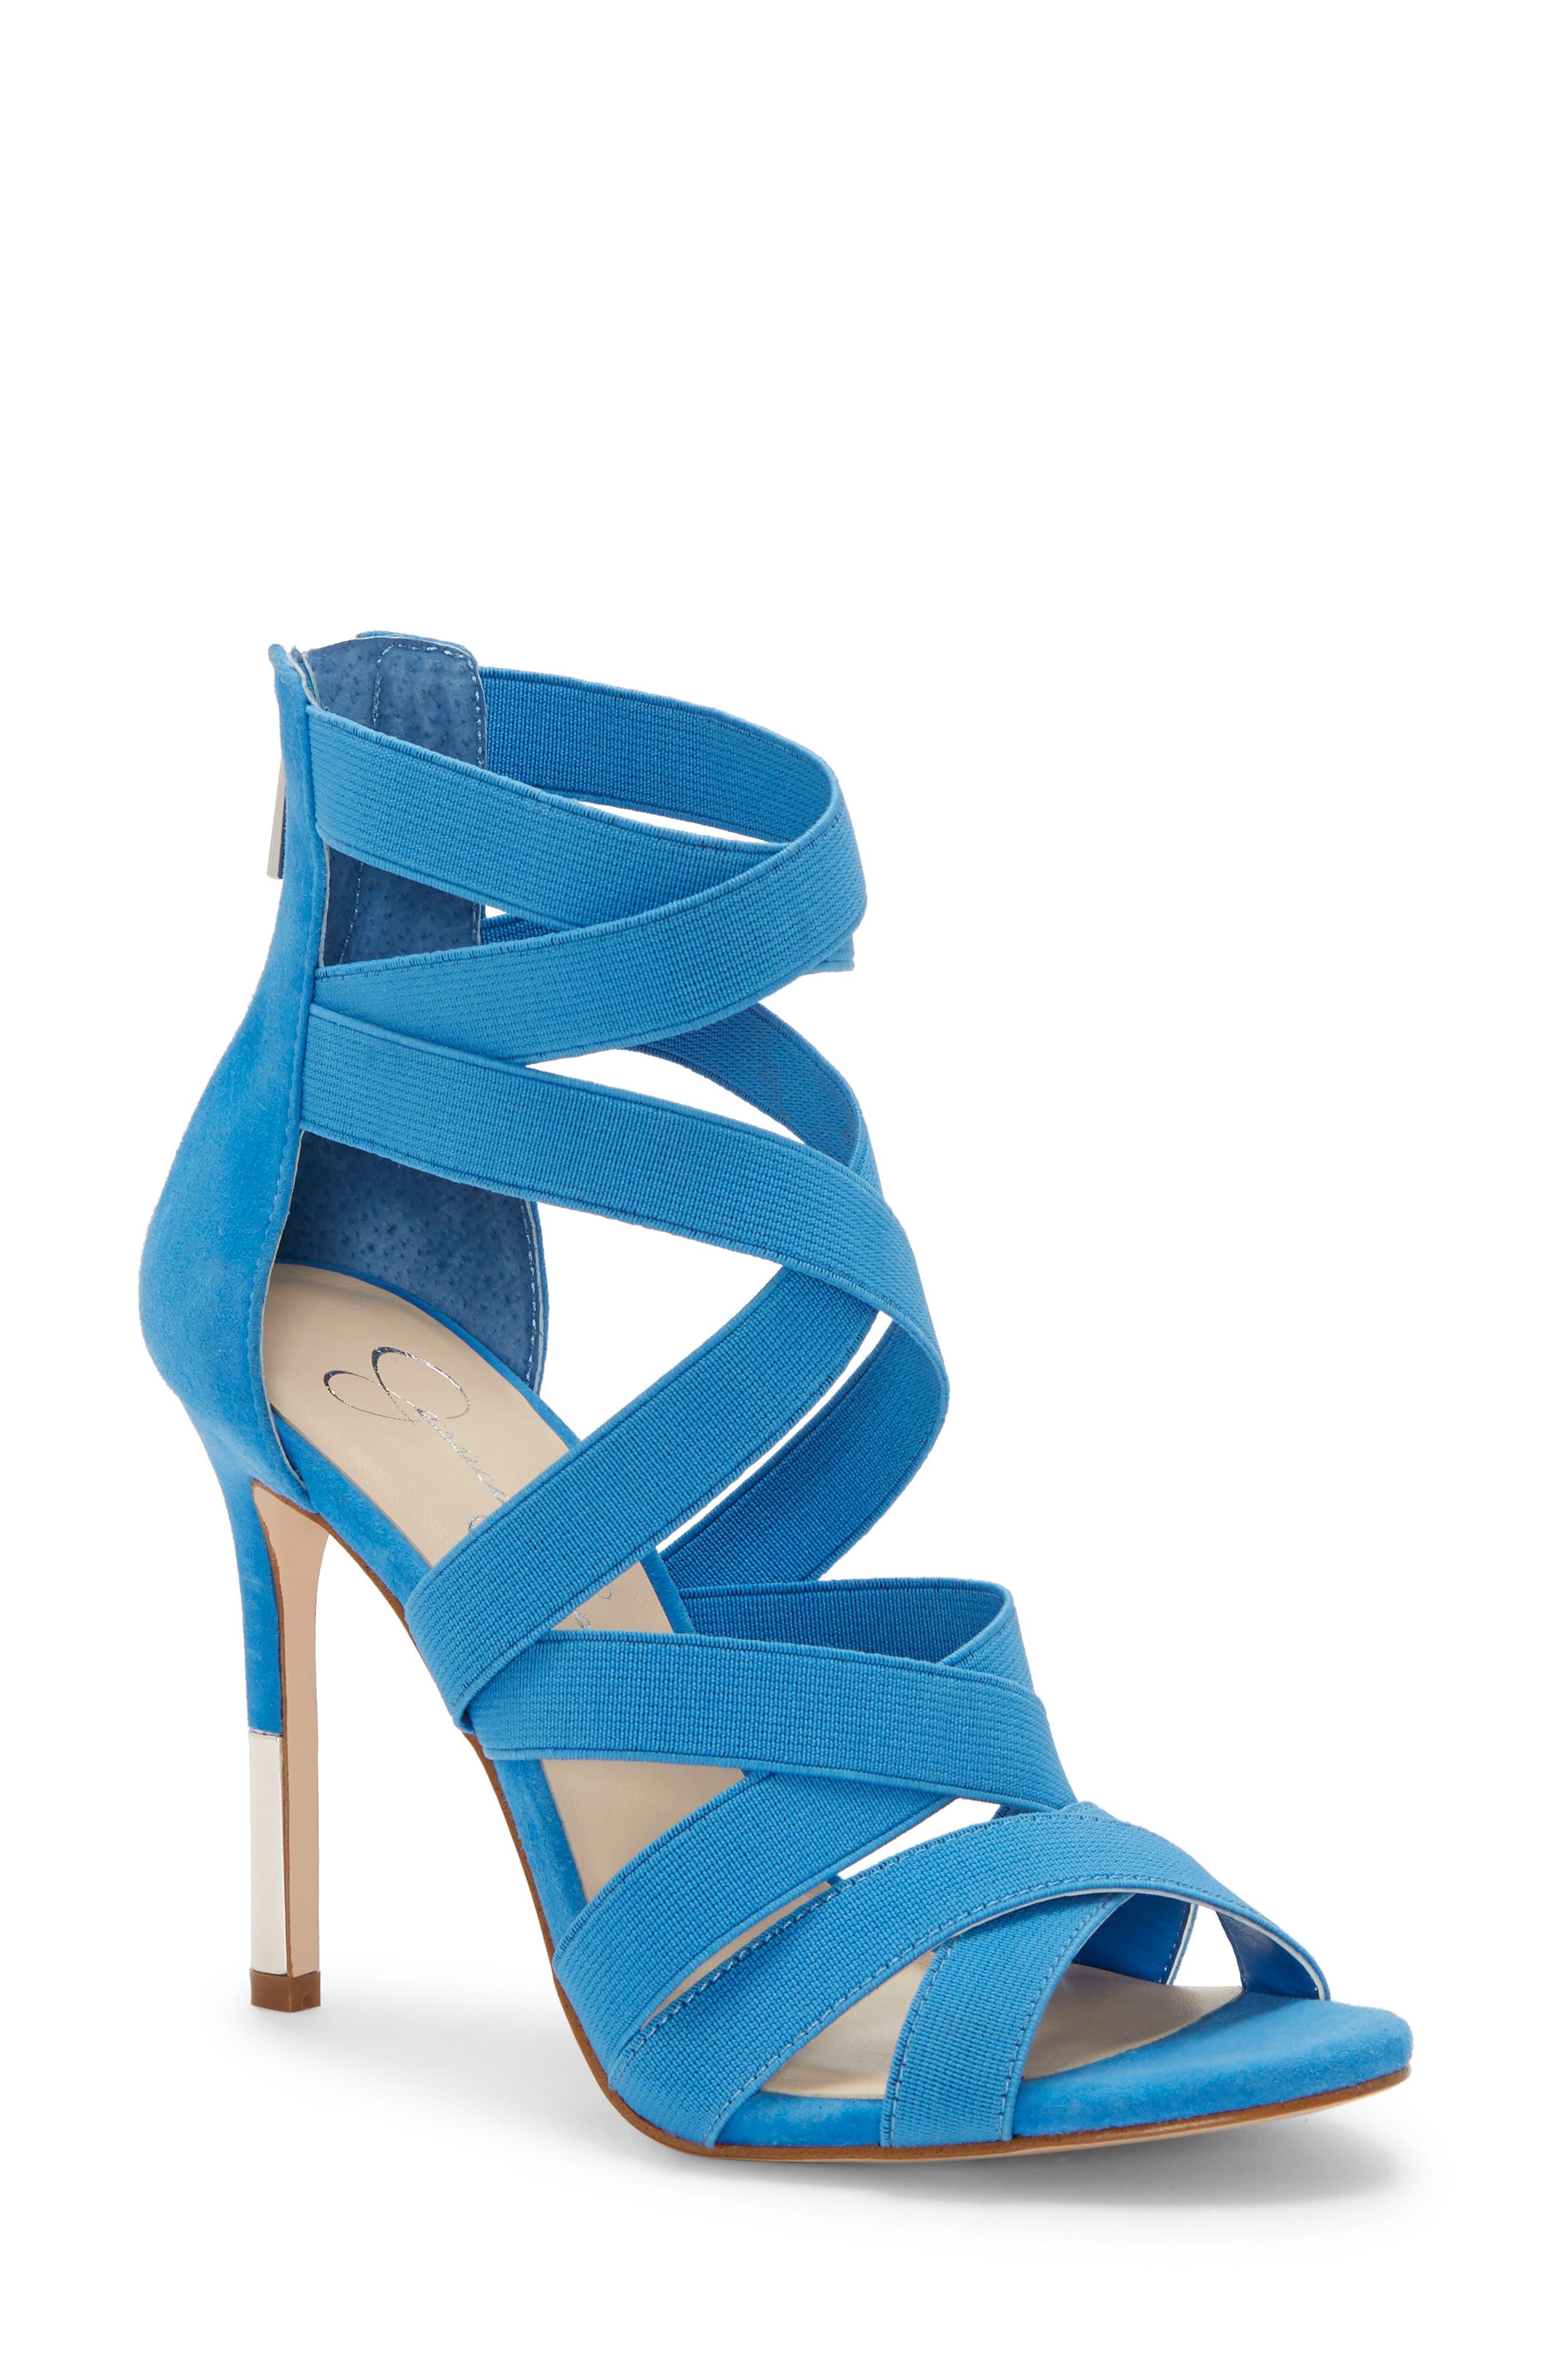 Jessica Simpson Jyra 2 Sandal, Blue